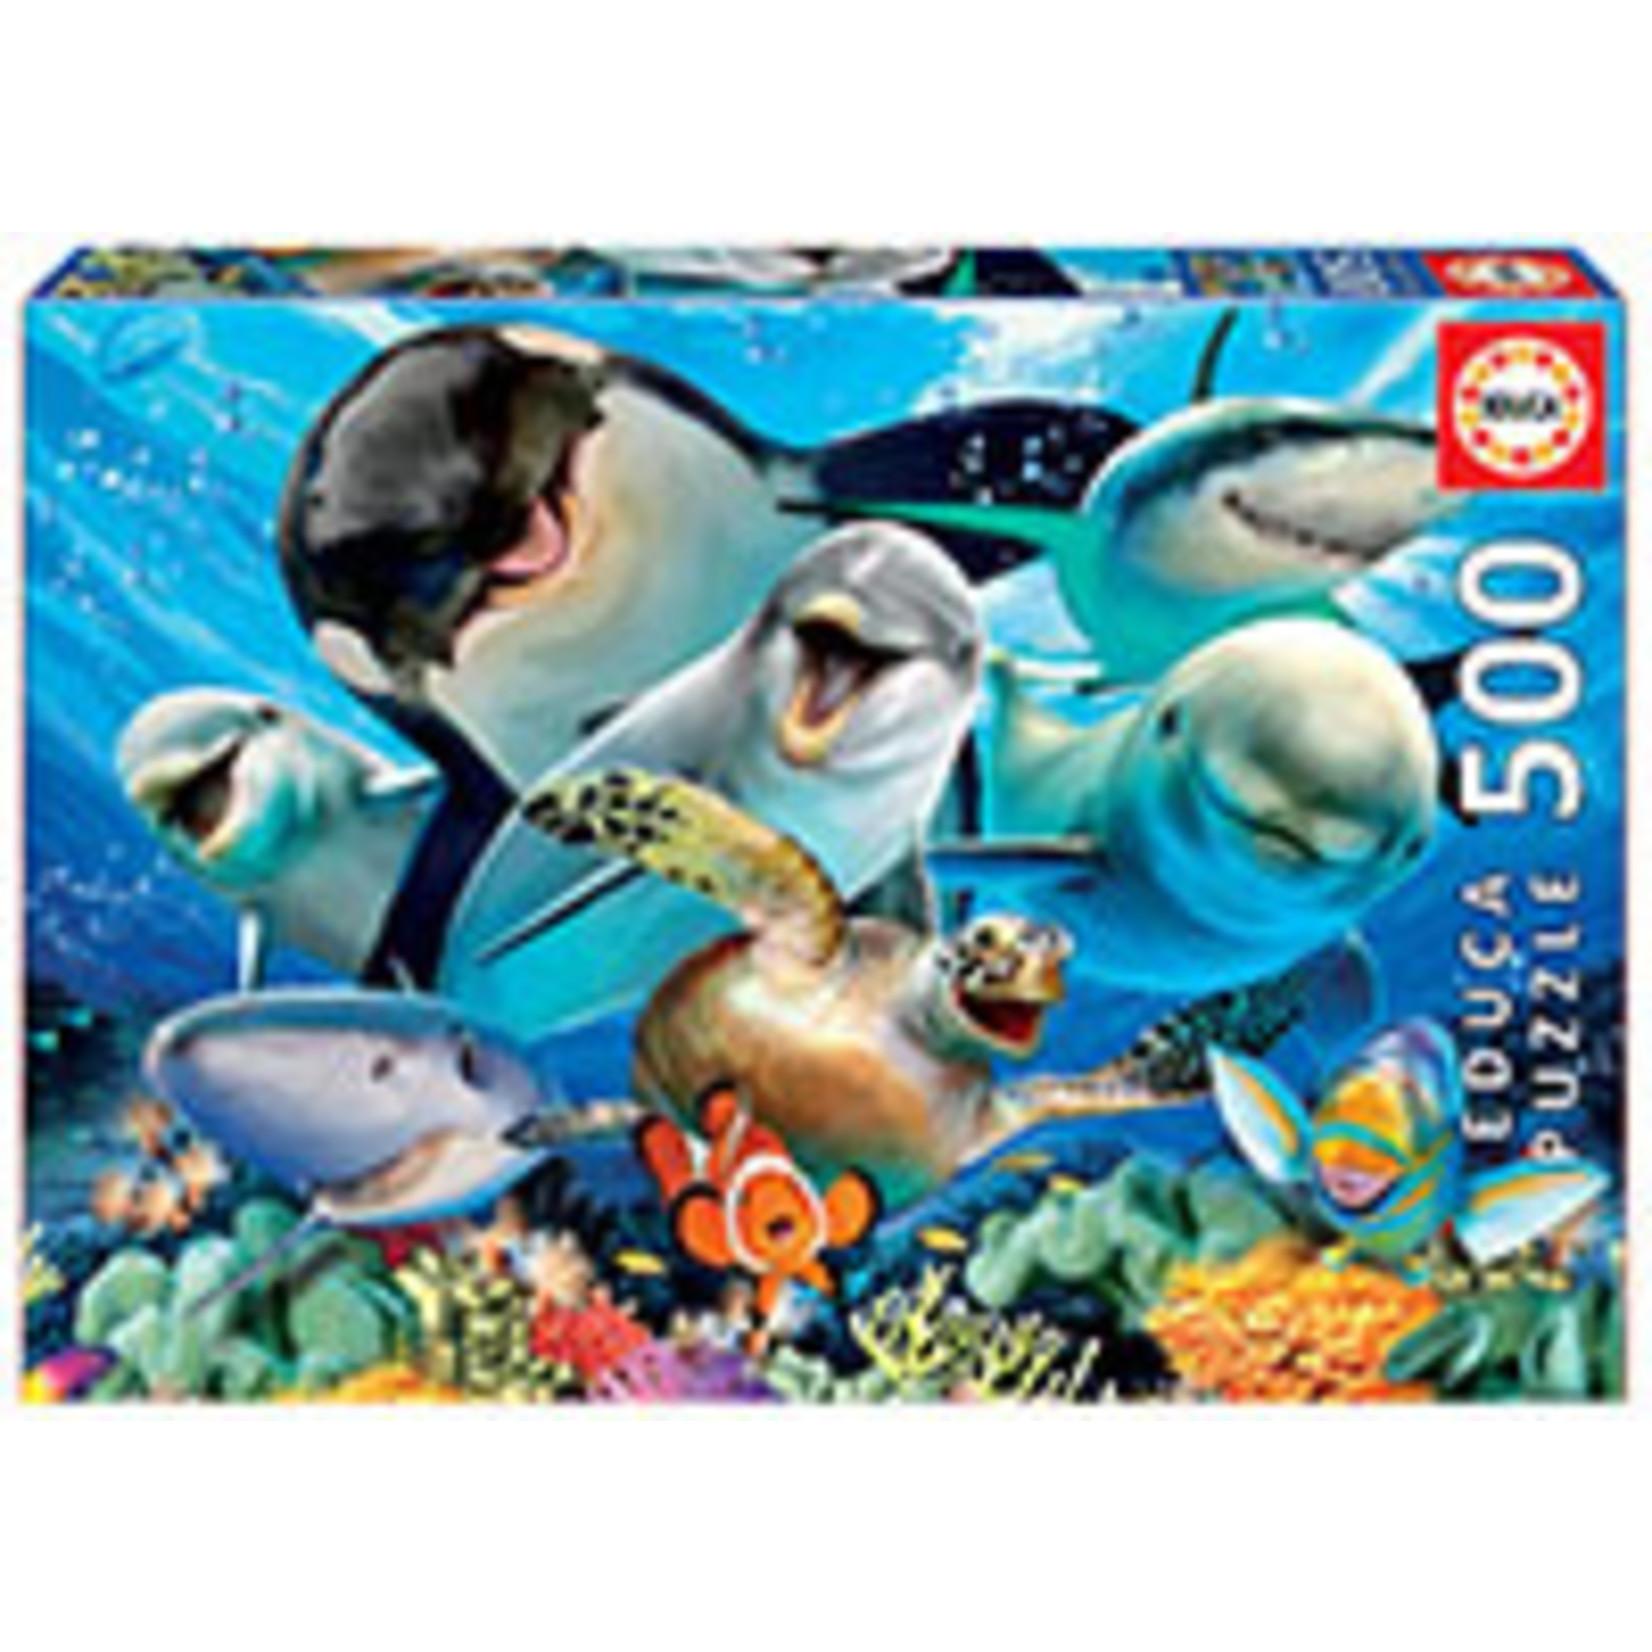 Educa Puzzles Underwater Selfie 500pc